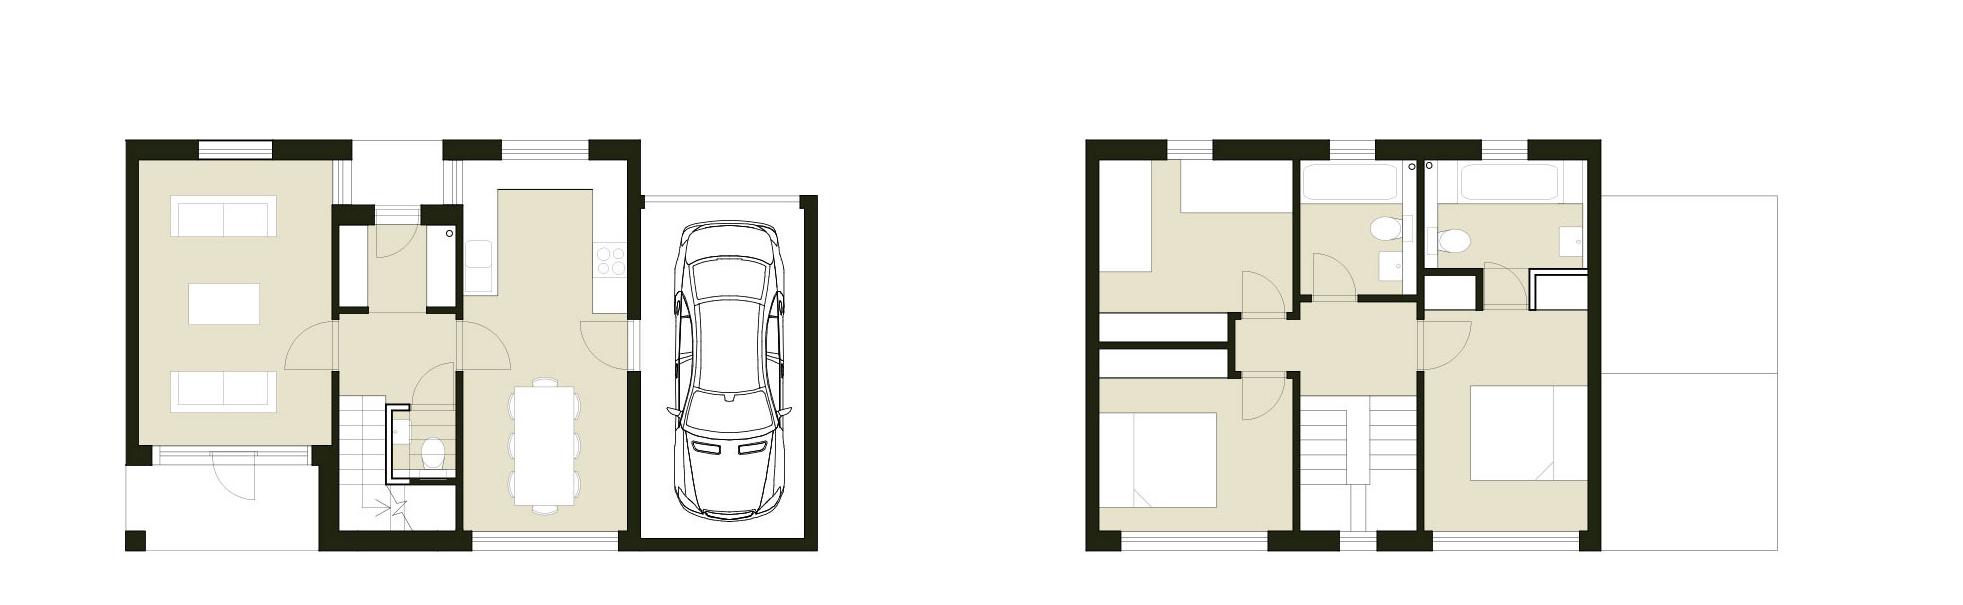 three-bedroom home floor plans